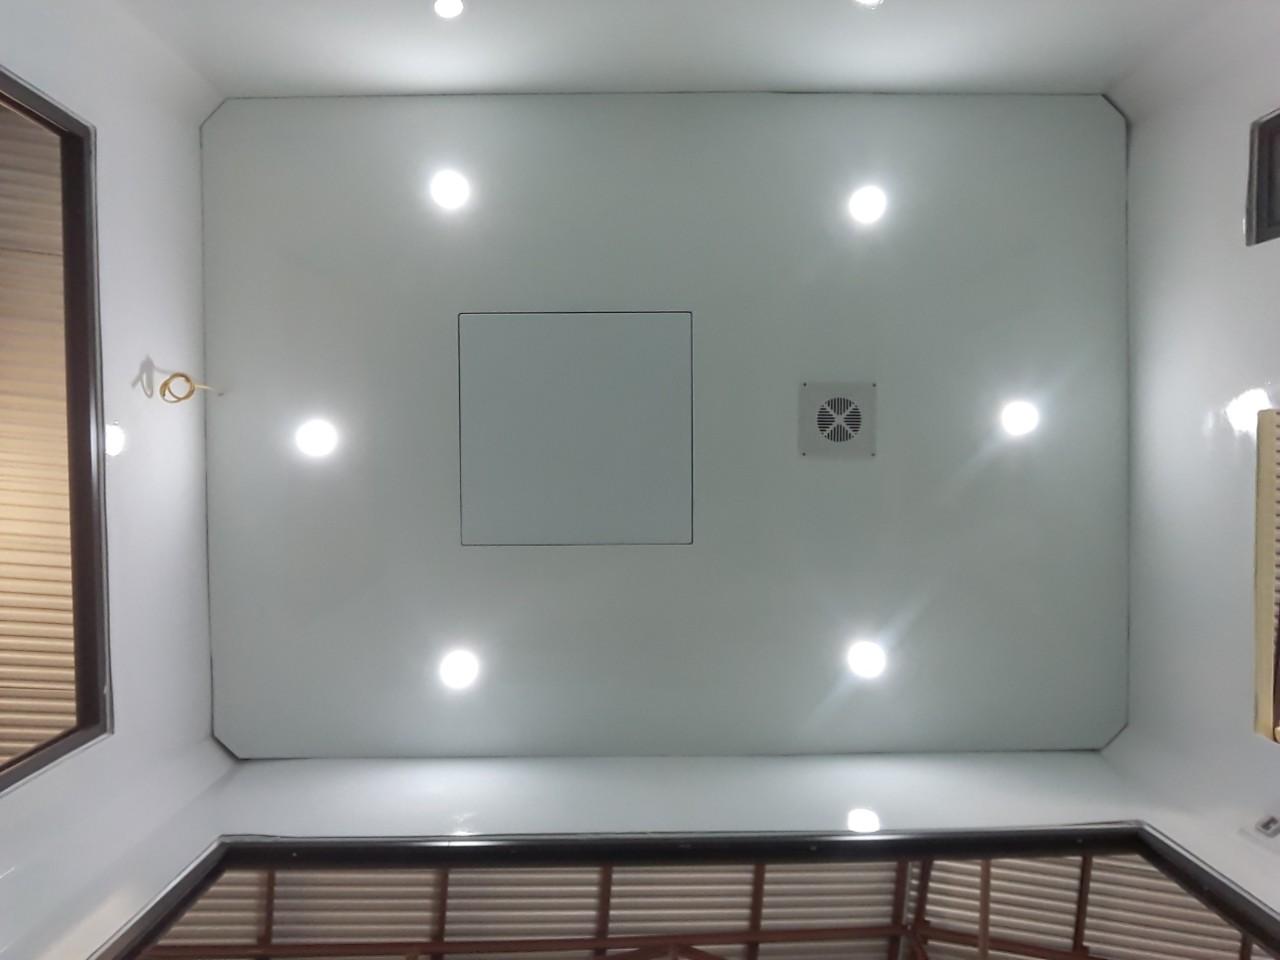 Nội thất nhà bảo vệ Handy Booths